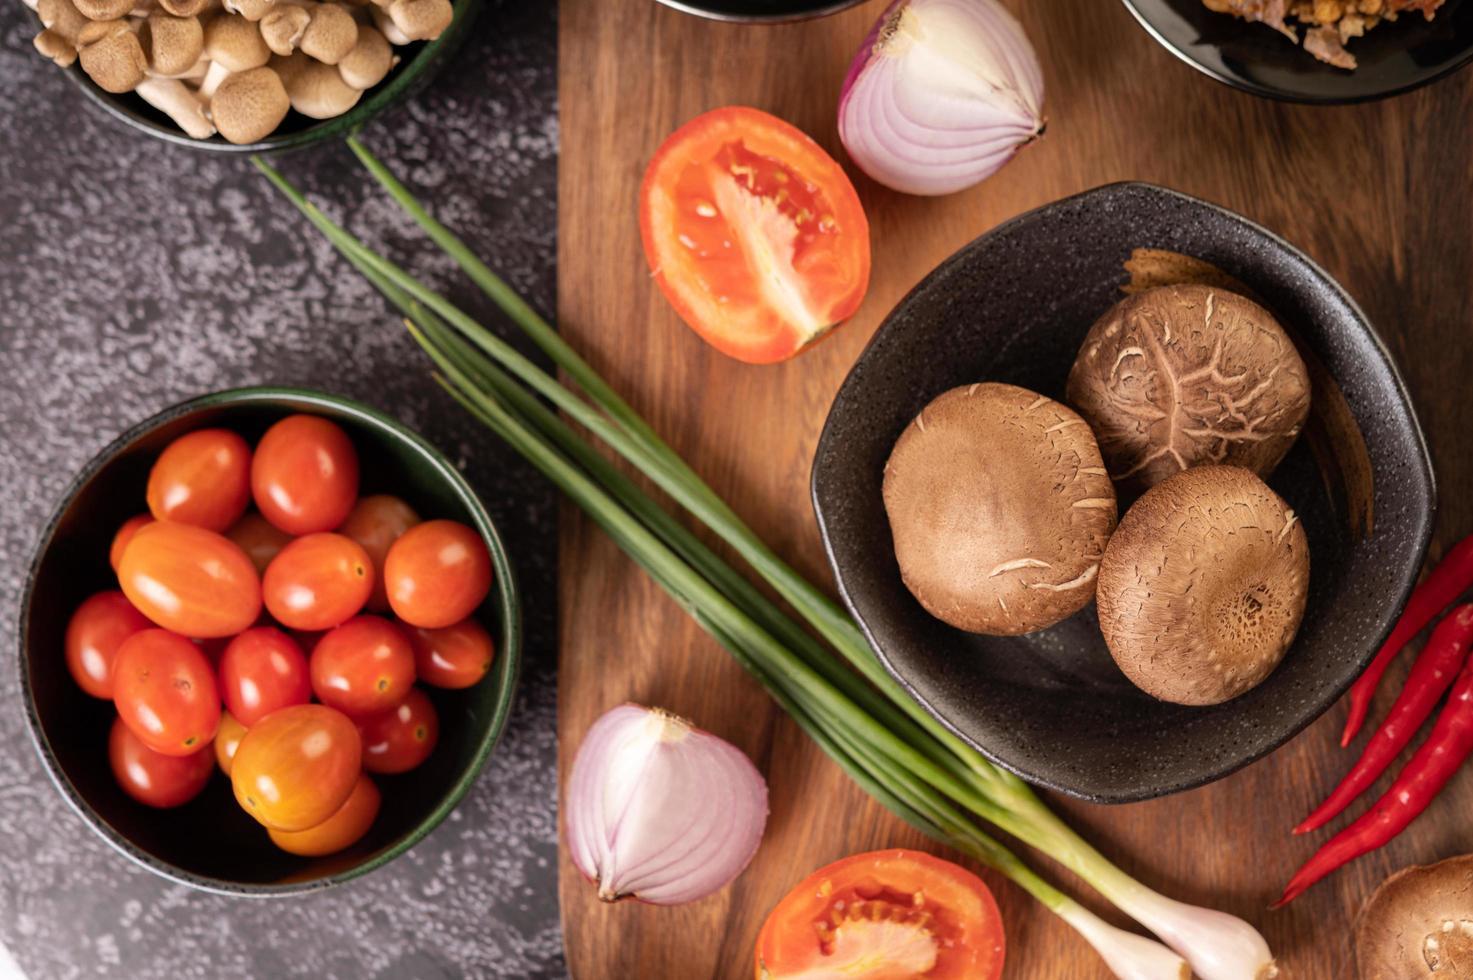 funghi shiitake con aglio, pomodoro, peperone e cipolle foto